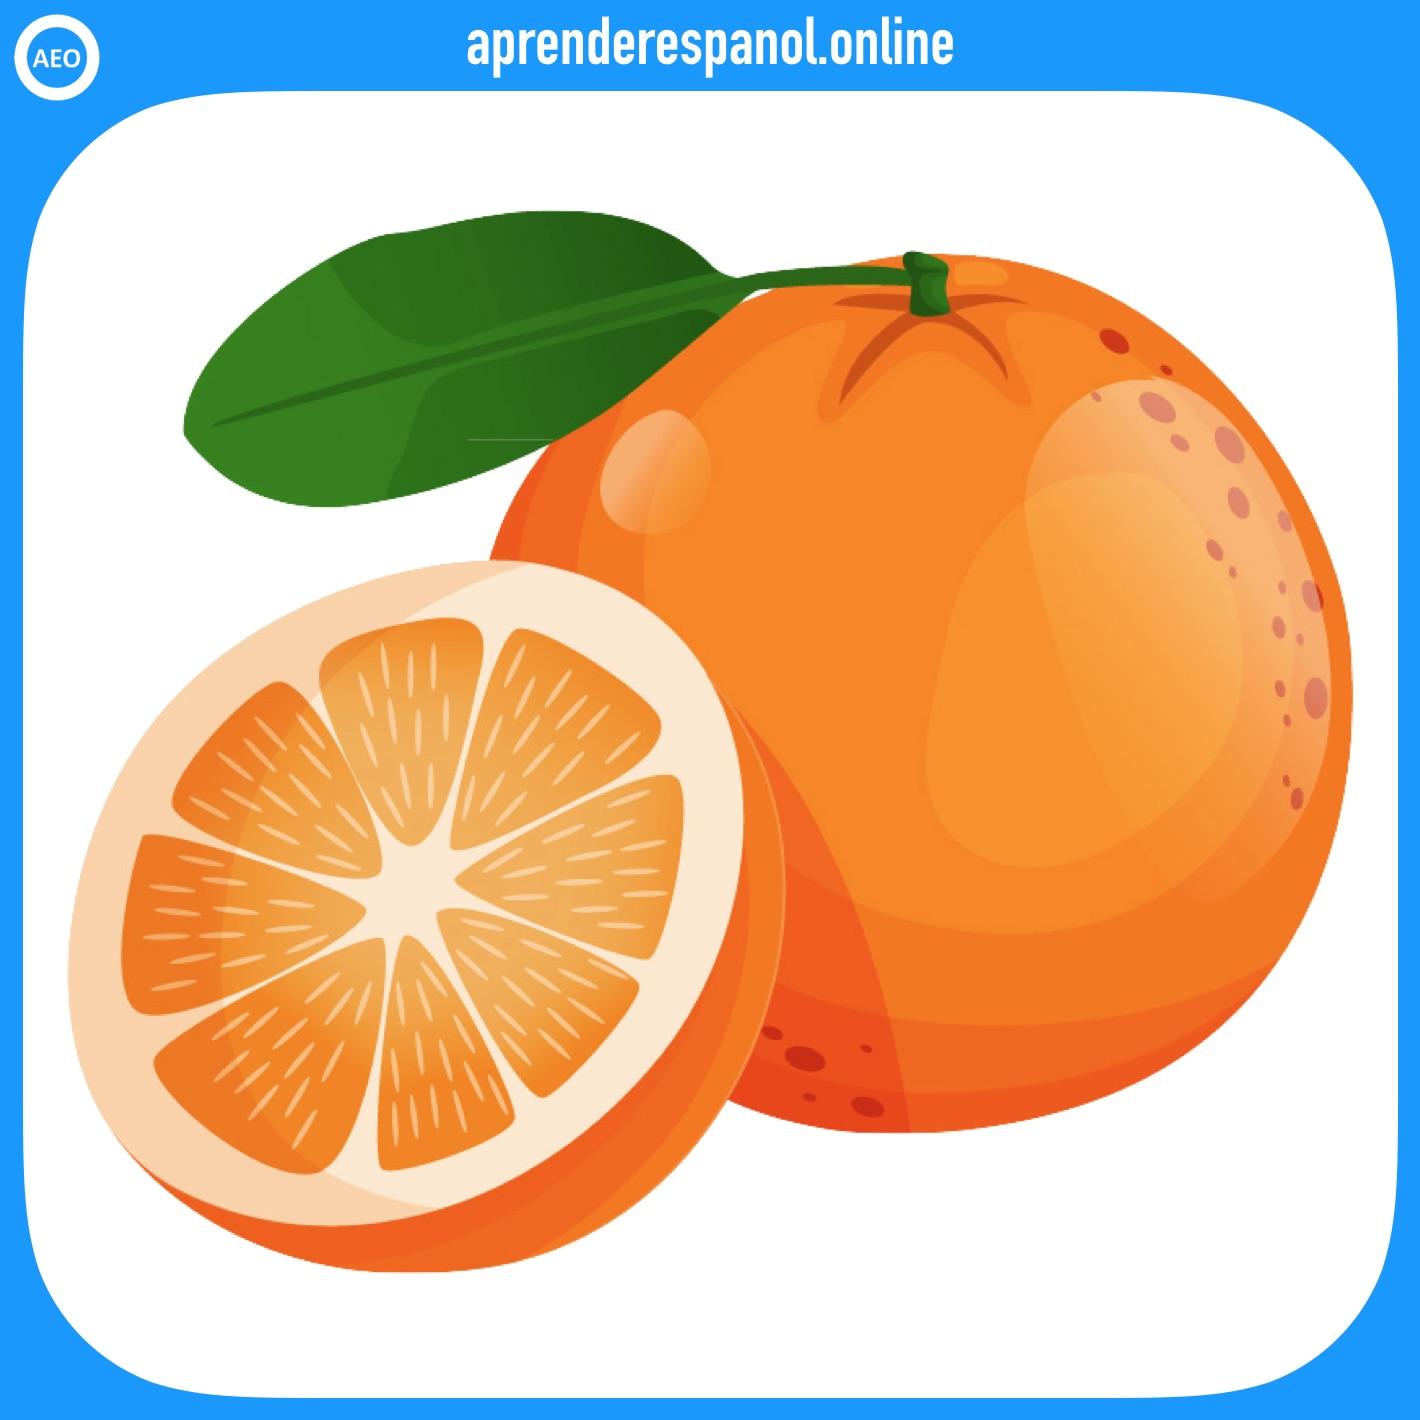 Ejemplo de colores: La naranja es de color naranja - Vocabulario de colores